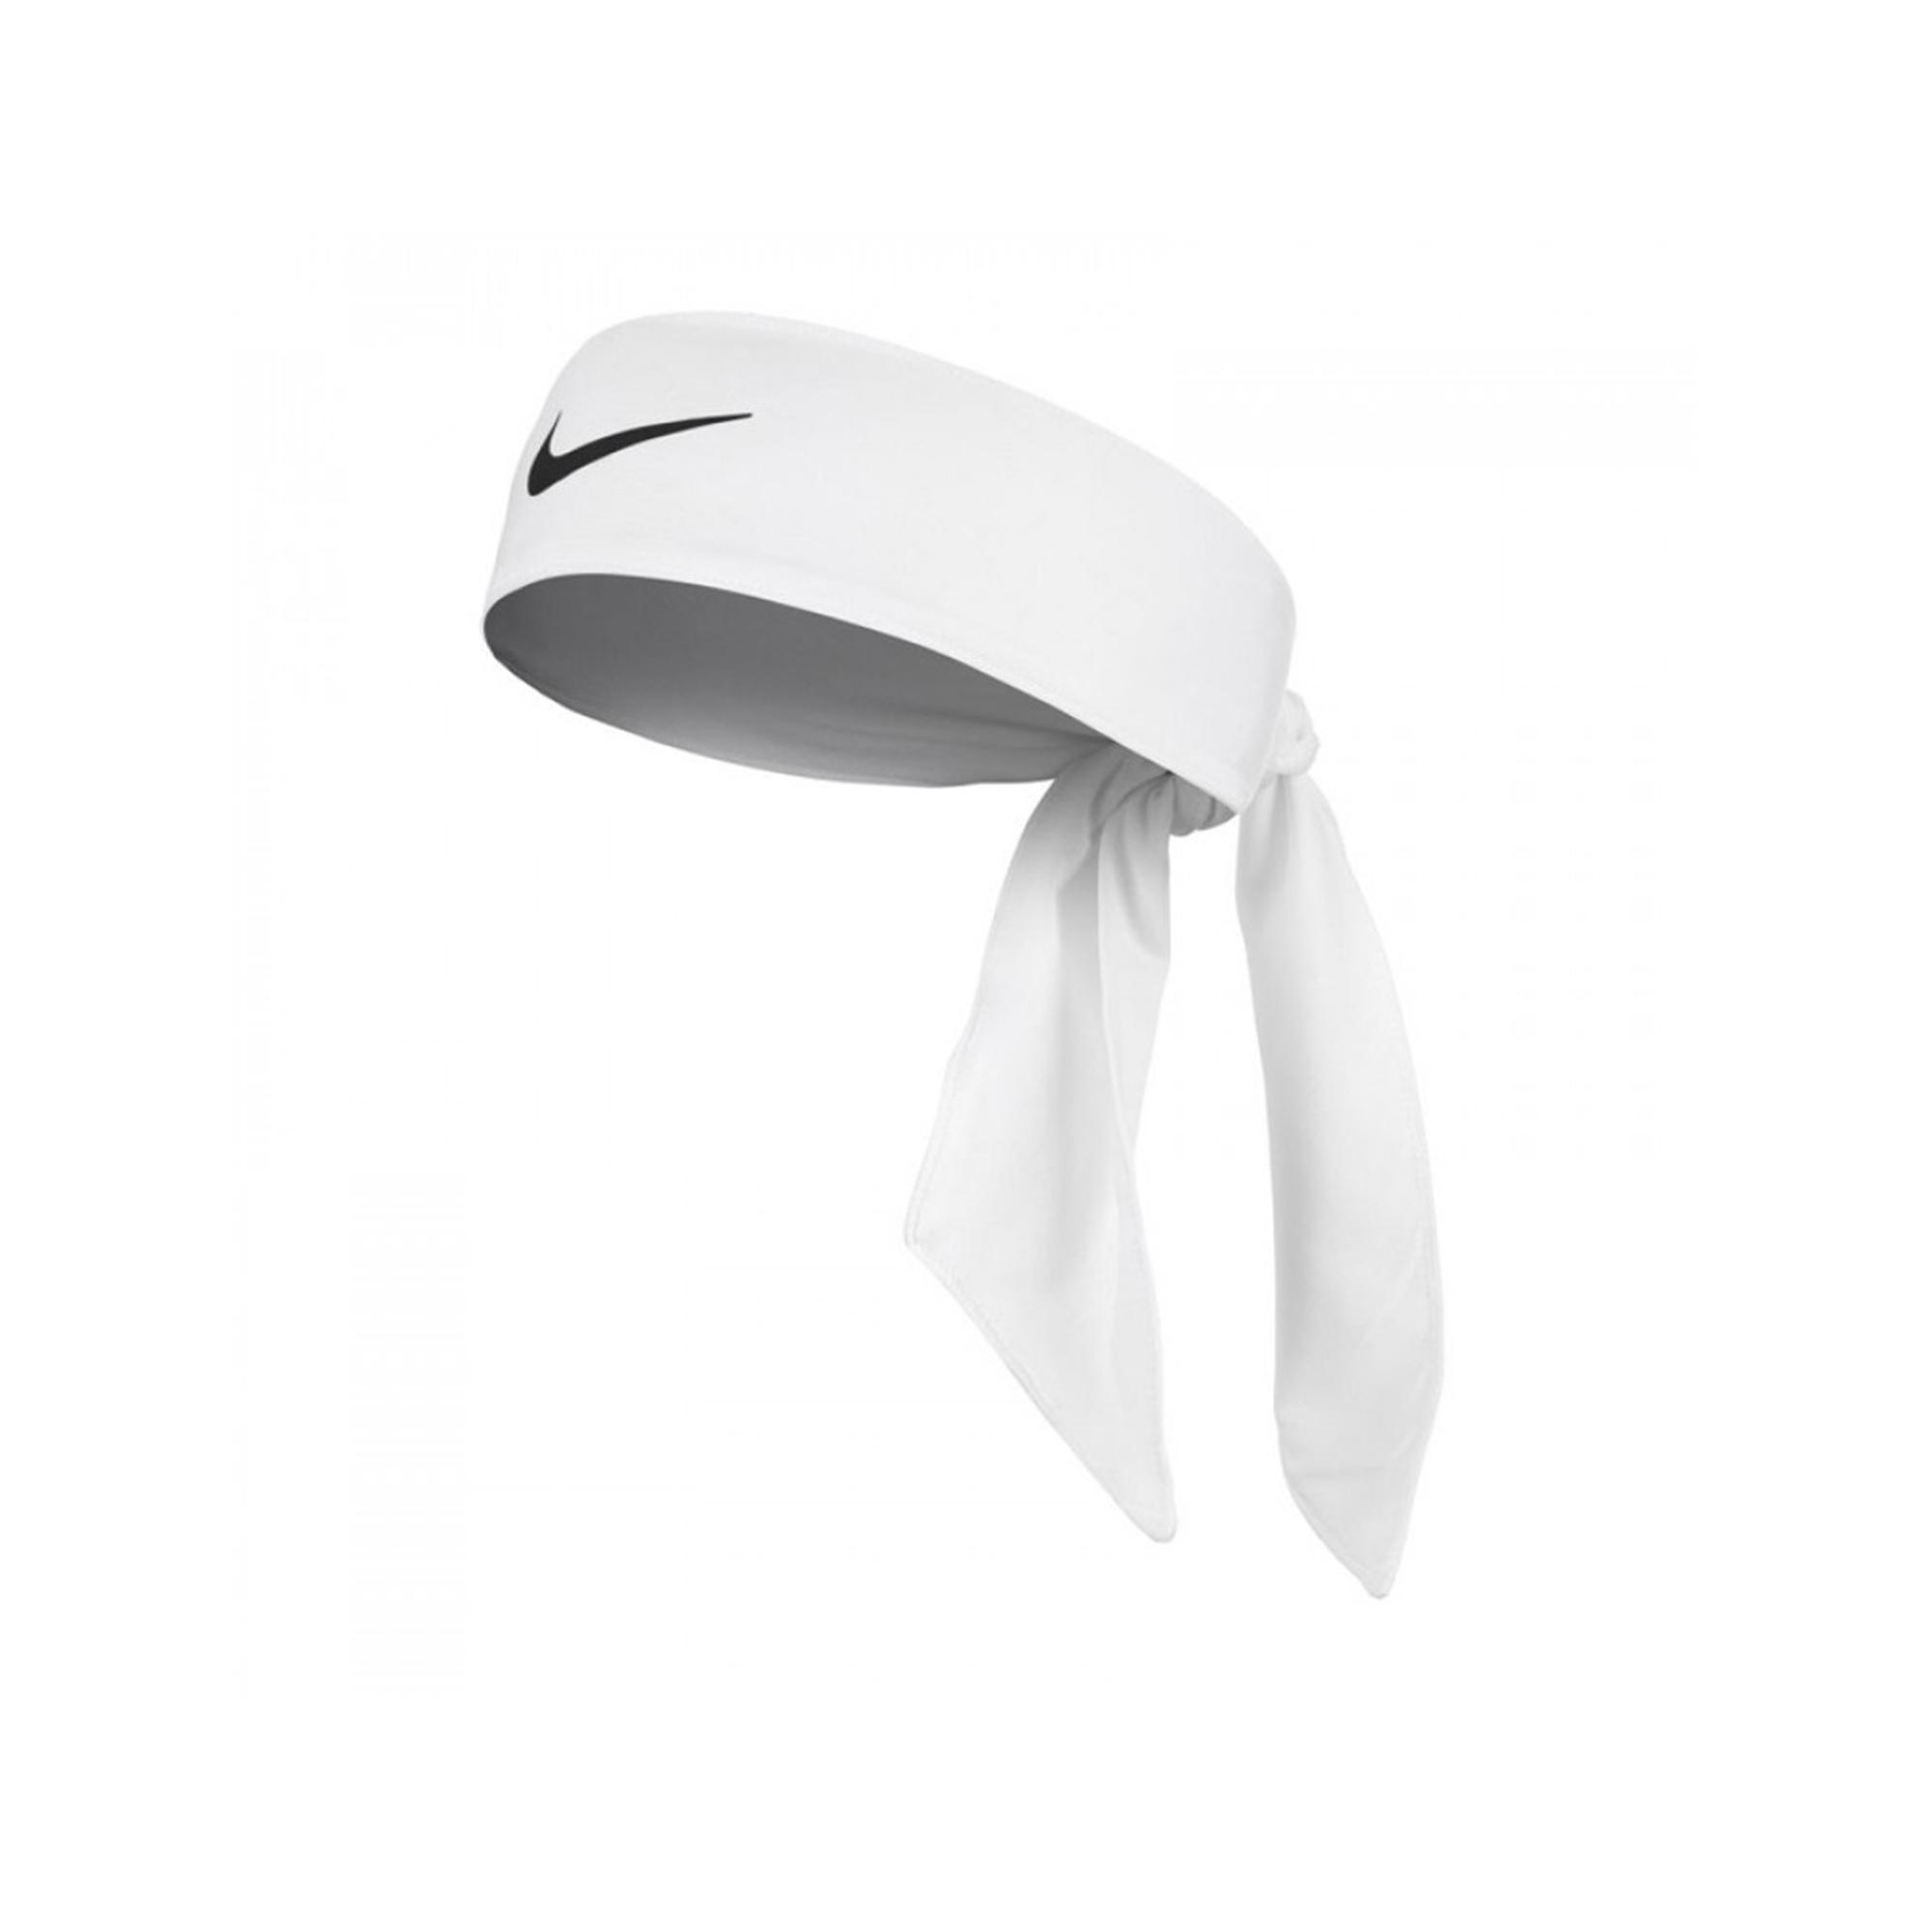 Nike Dri-Fit 3.0 Unisex Beyaz Kafa Bandı